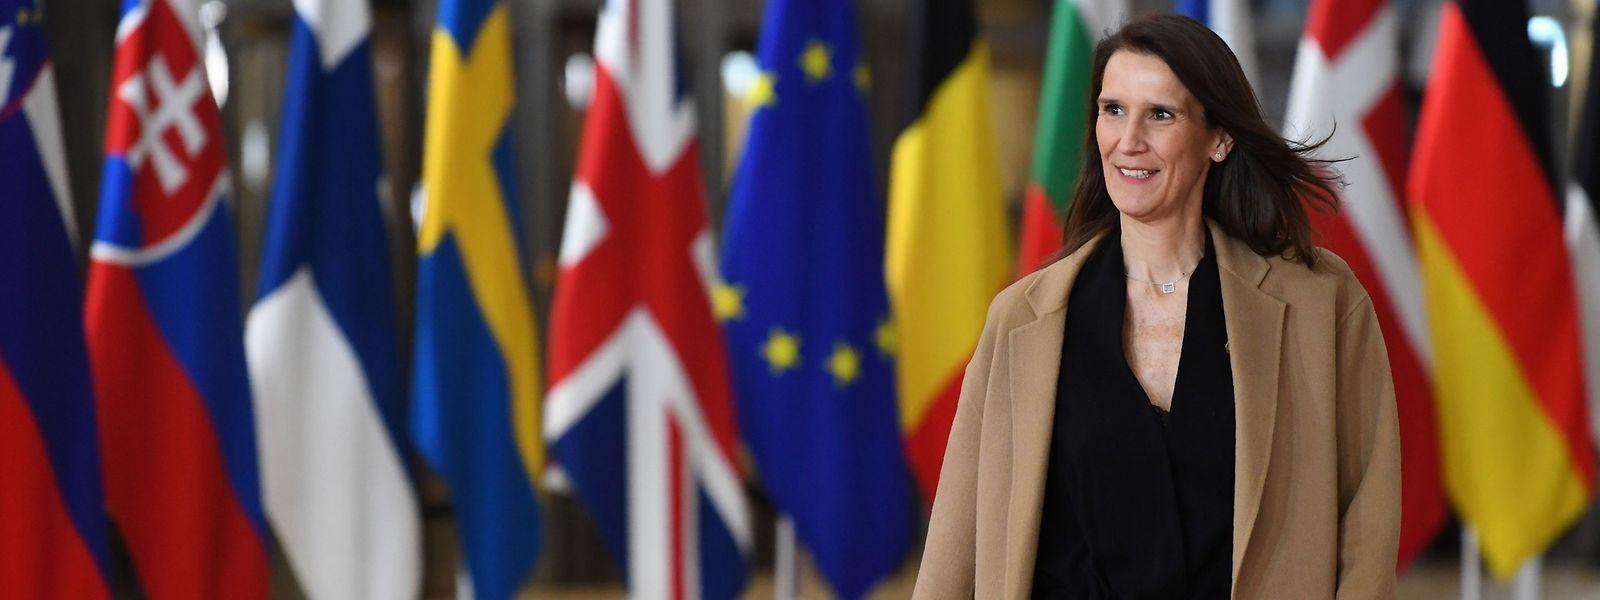 Un an après la démission du gouvernement Michel II, la Première ministre belge, Sophie Wilmes, dirige un État toujours profondément divisé.